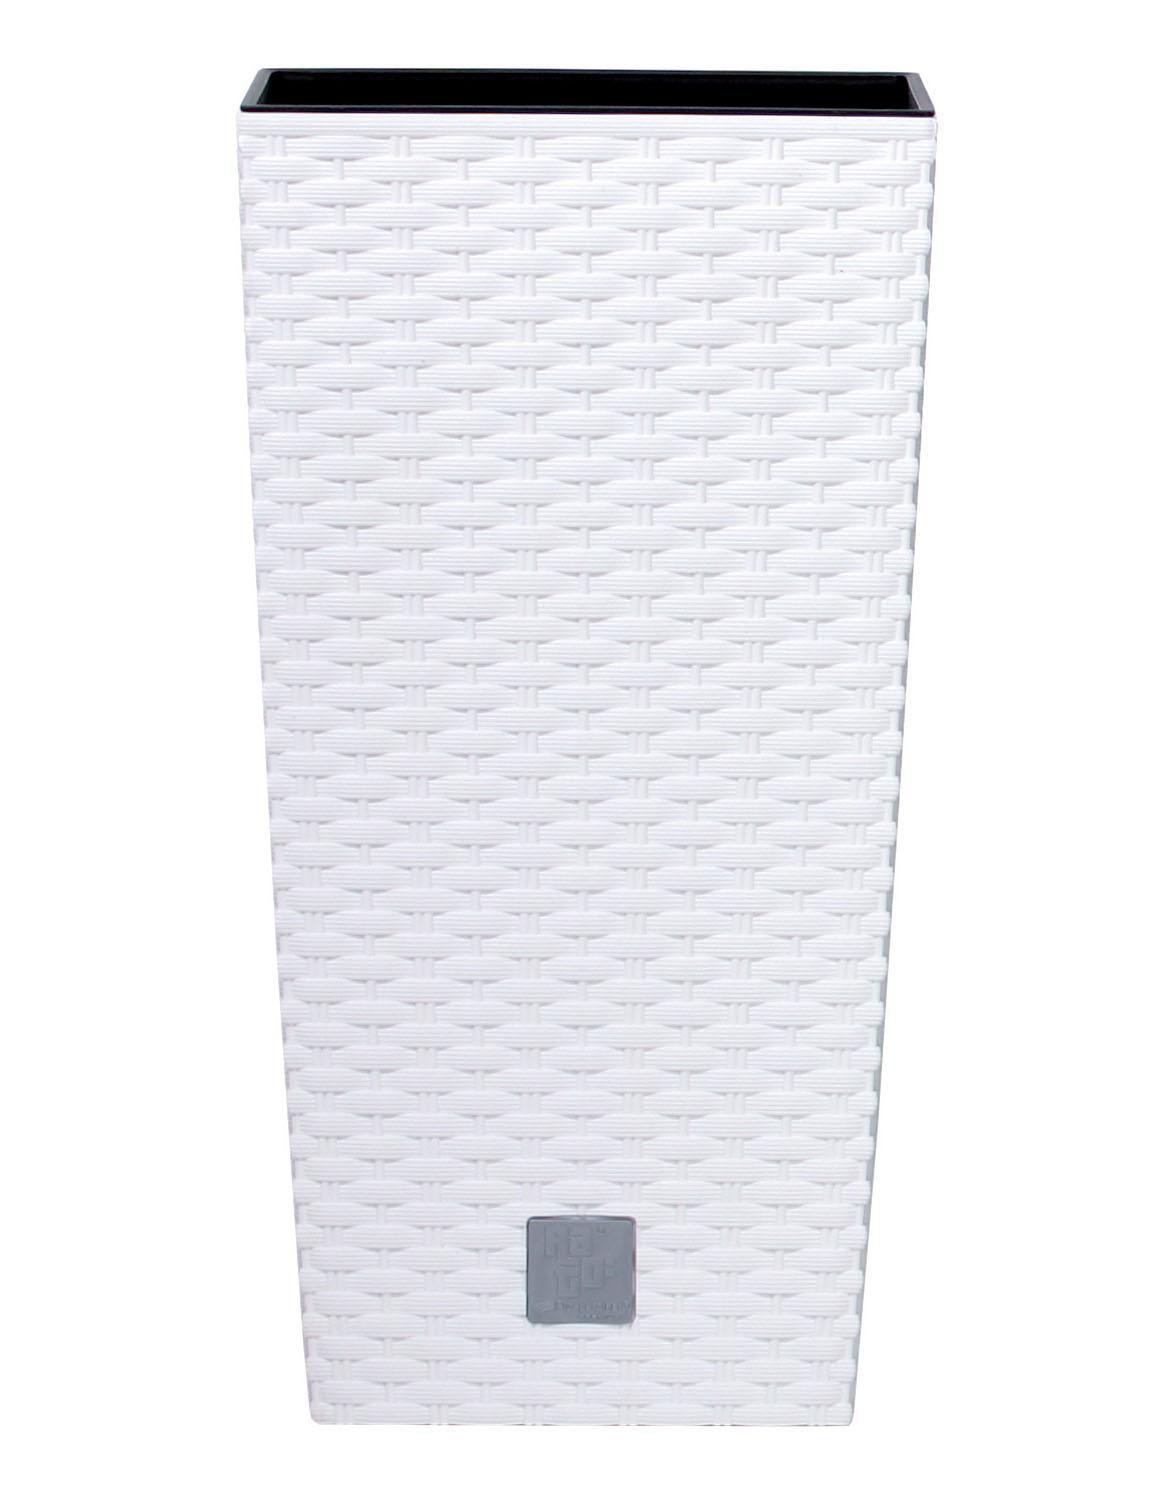 PROSPERPLAST Květináč RATO SQUARE + vklad bílý 24cm